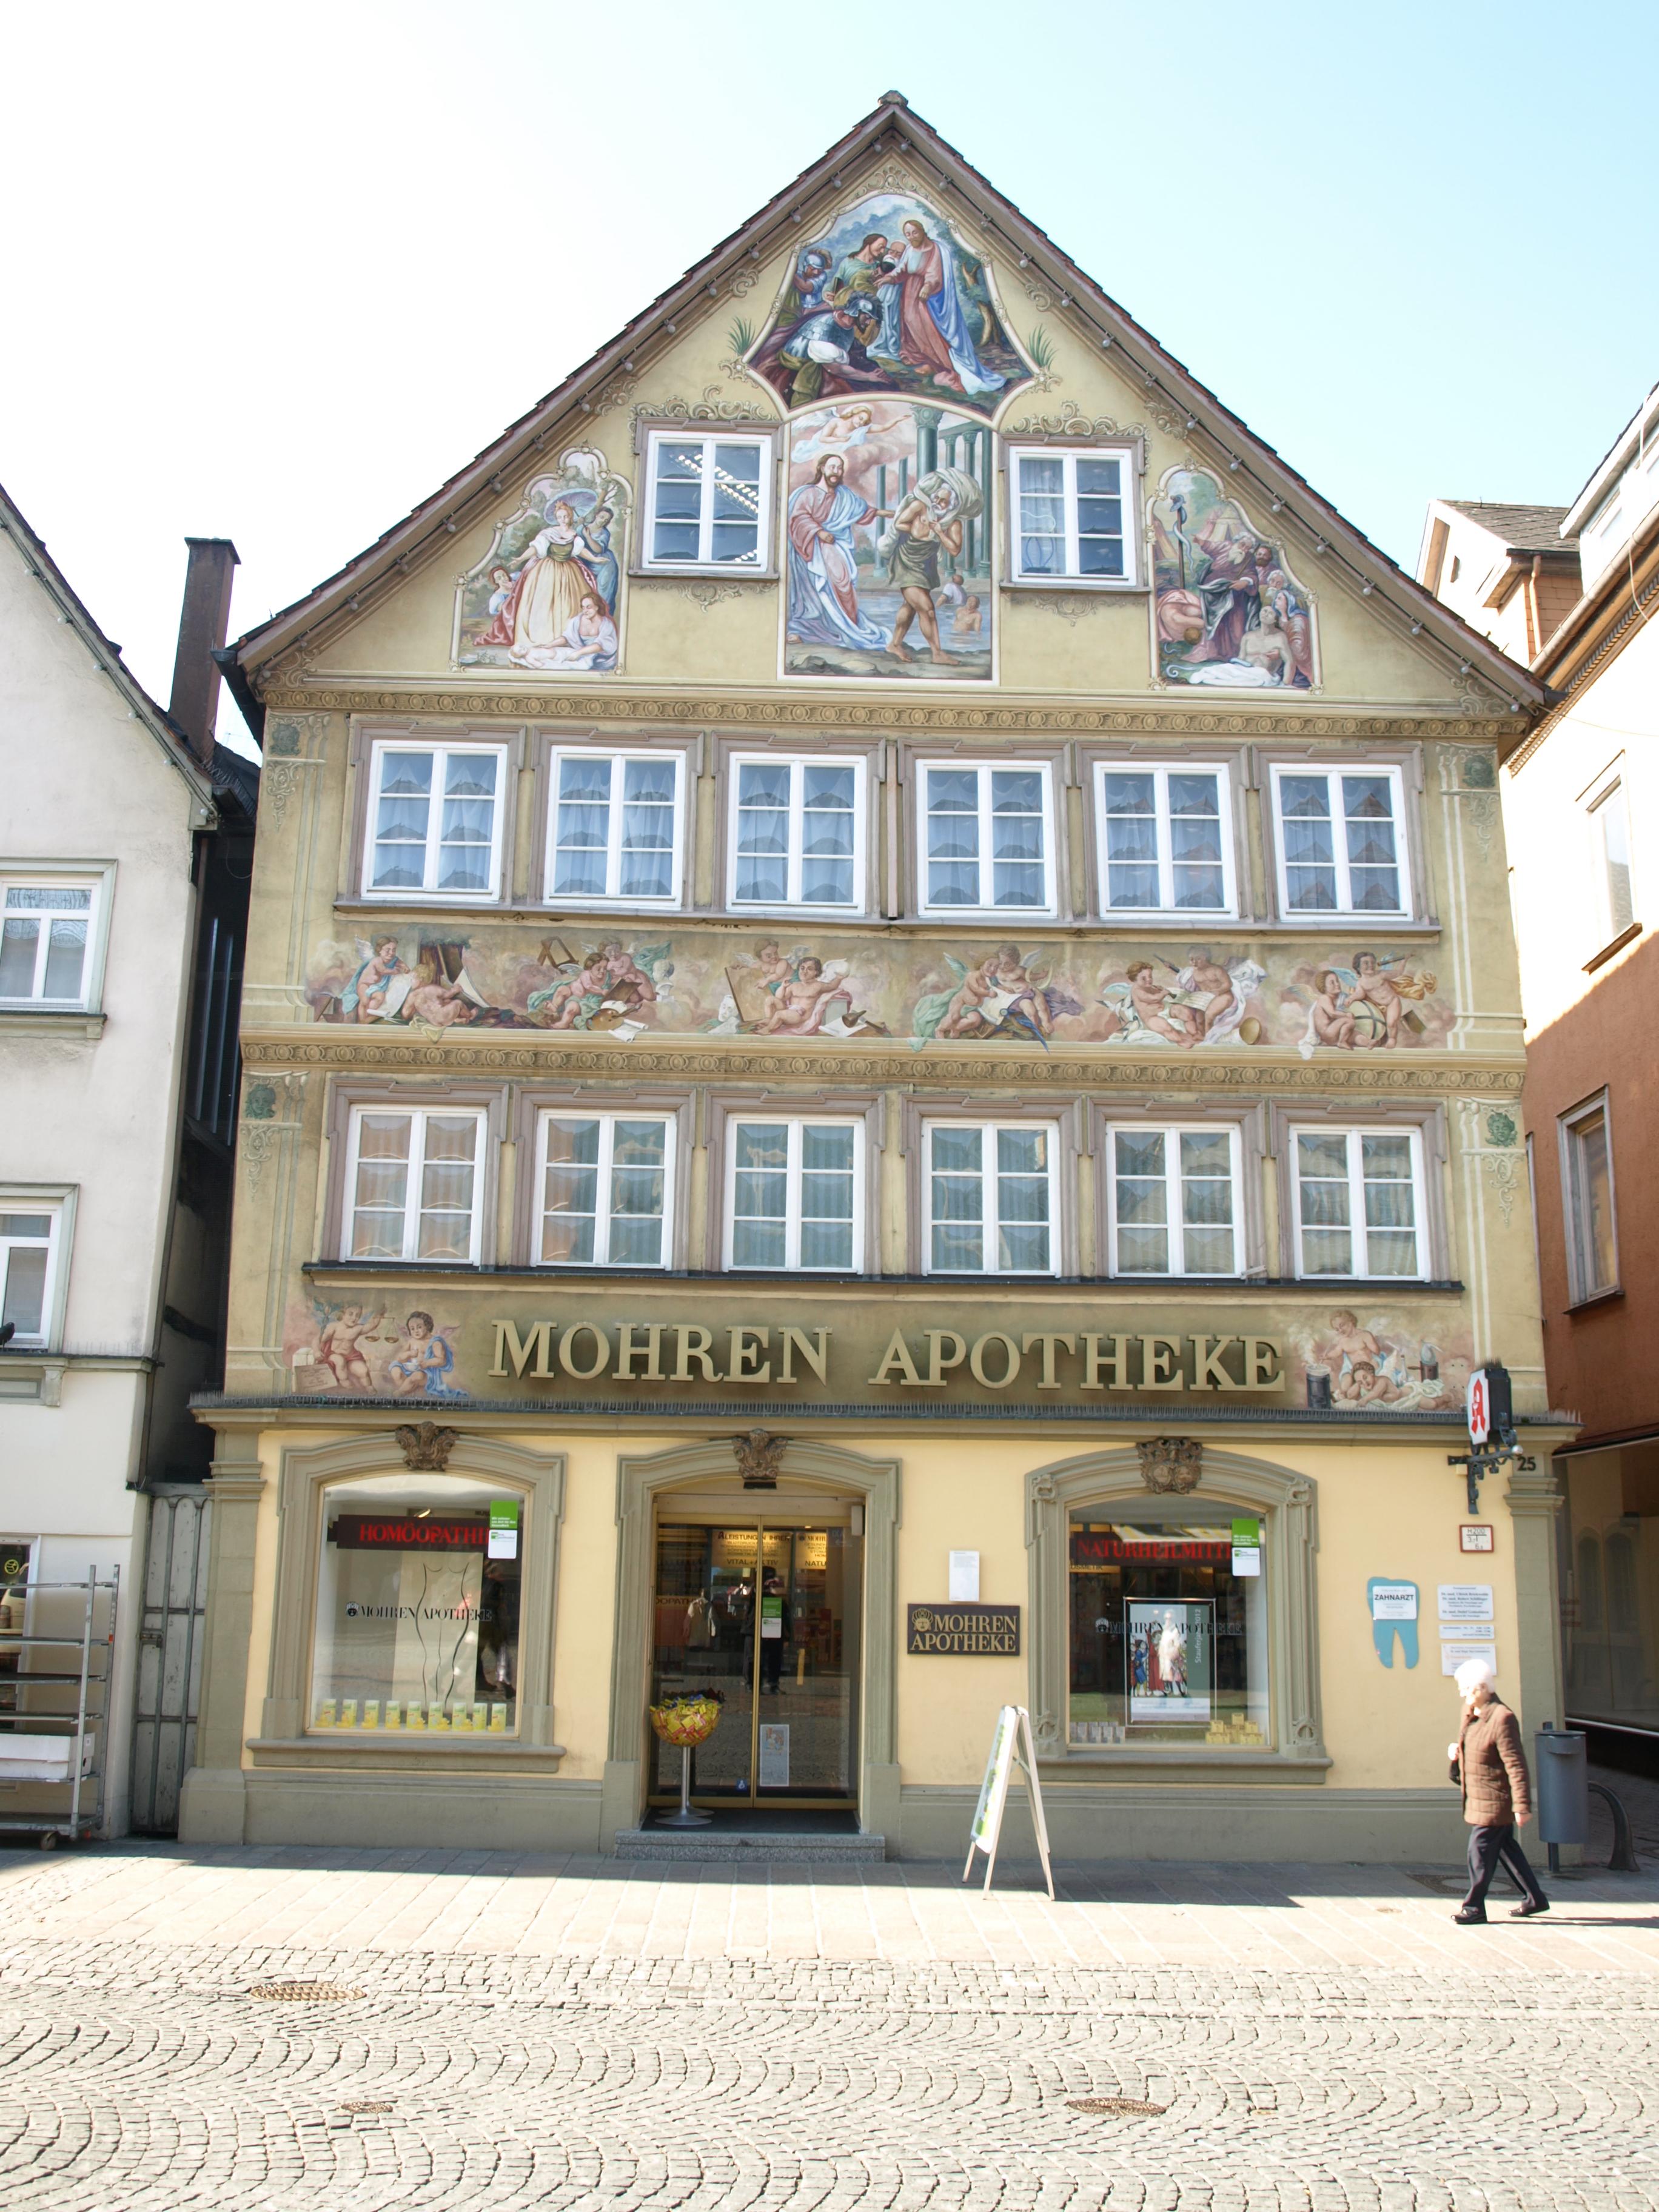 2012.03.06 - Schwäbisch Gmünd - Marktplatz 25 Mohrenapotheke - 01.jpg